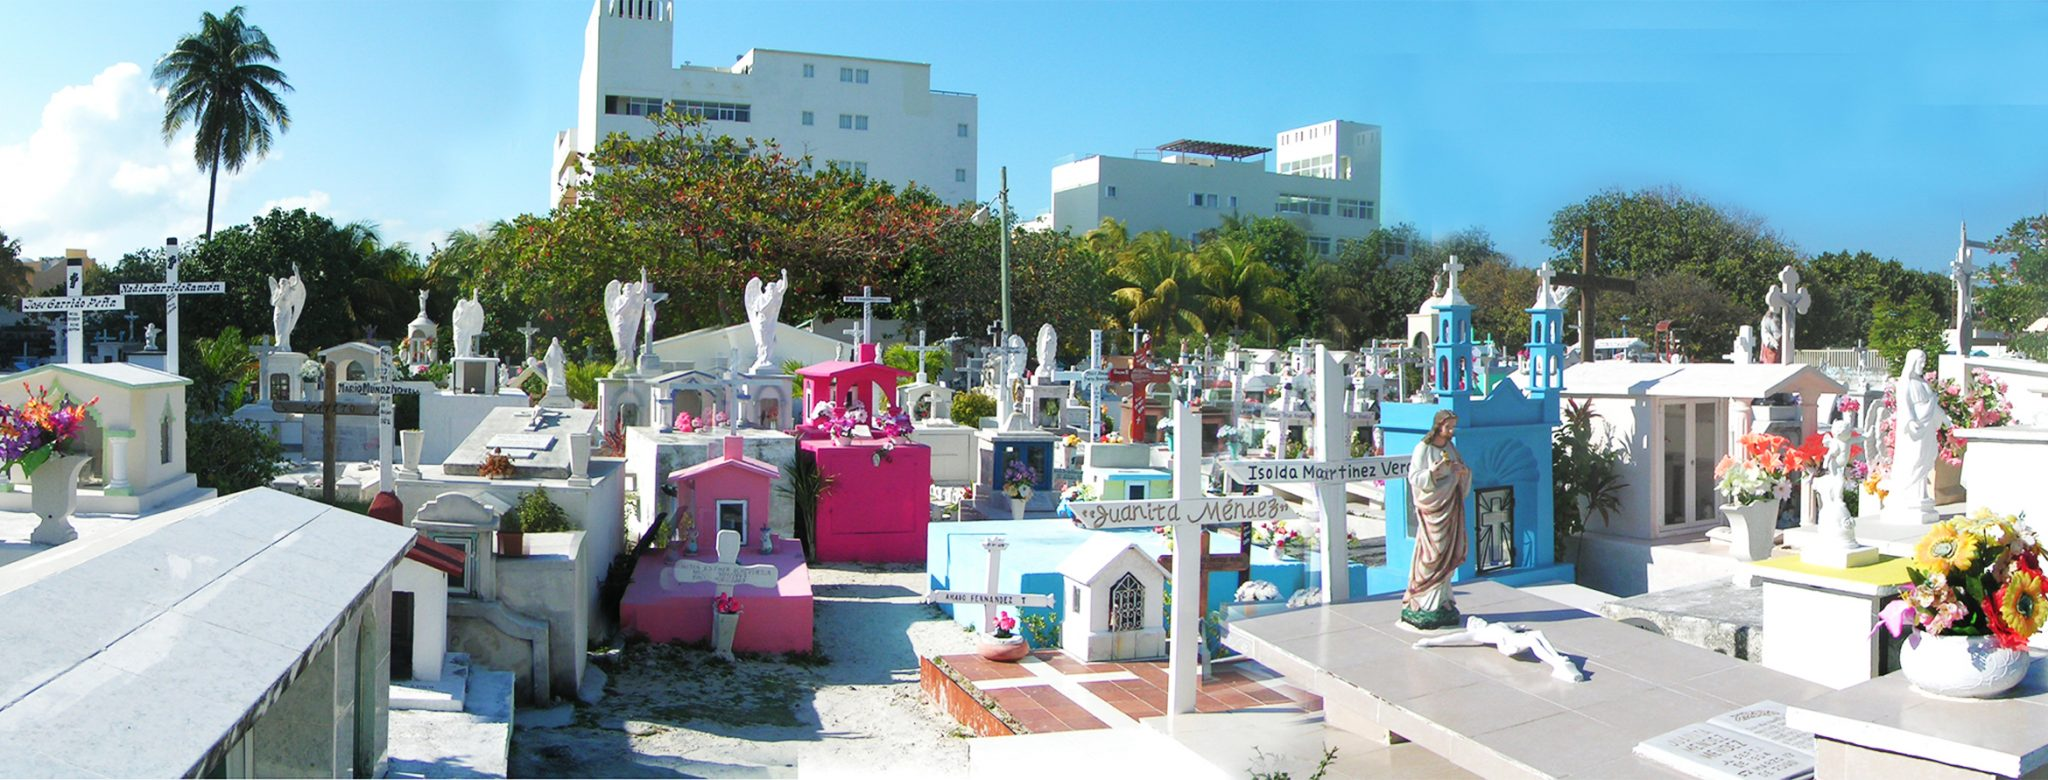 IslaMujeres2 - Meksyk - Jukatan - plaże i cenoty